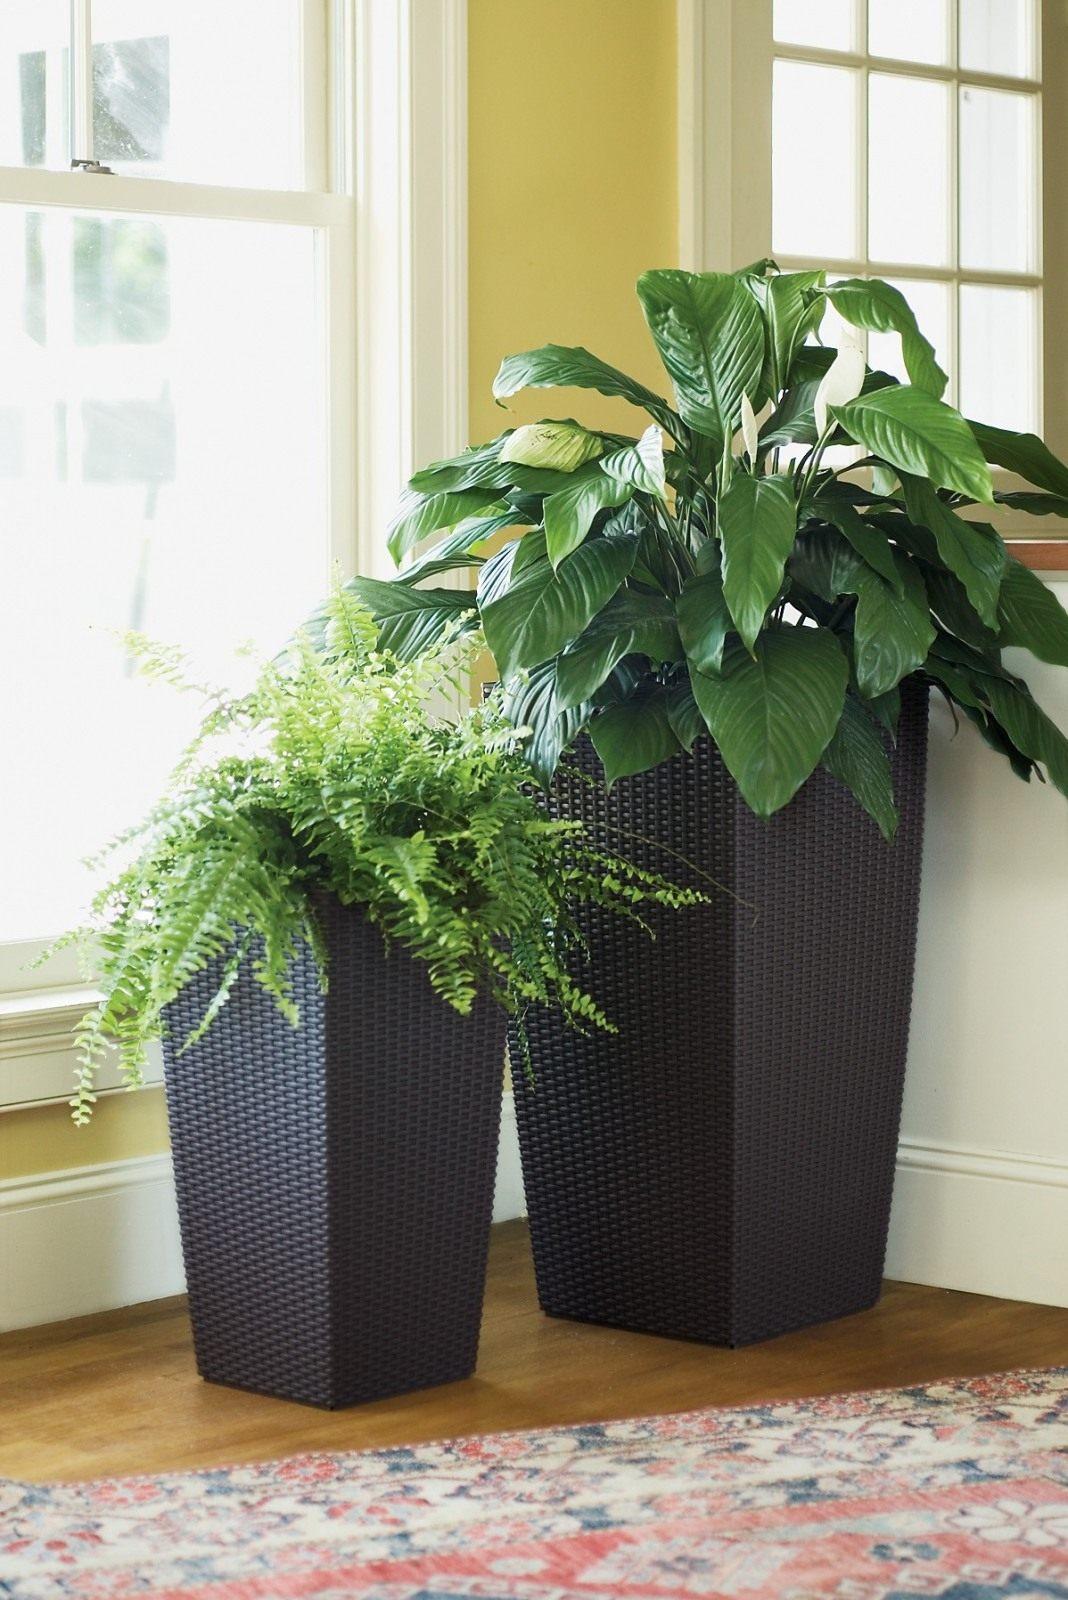 смотреть фото больших комнатных растений